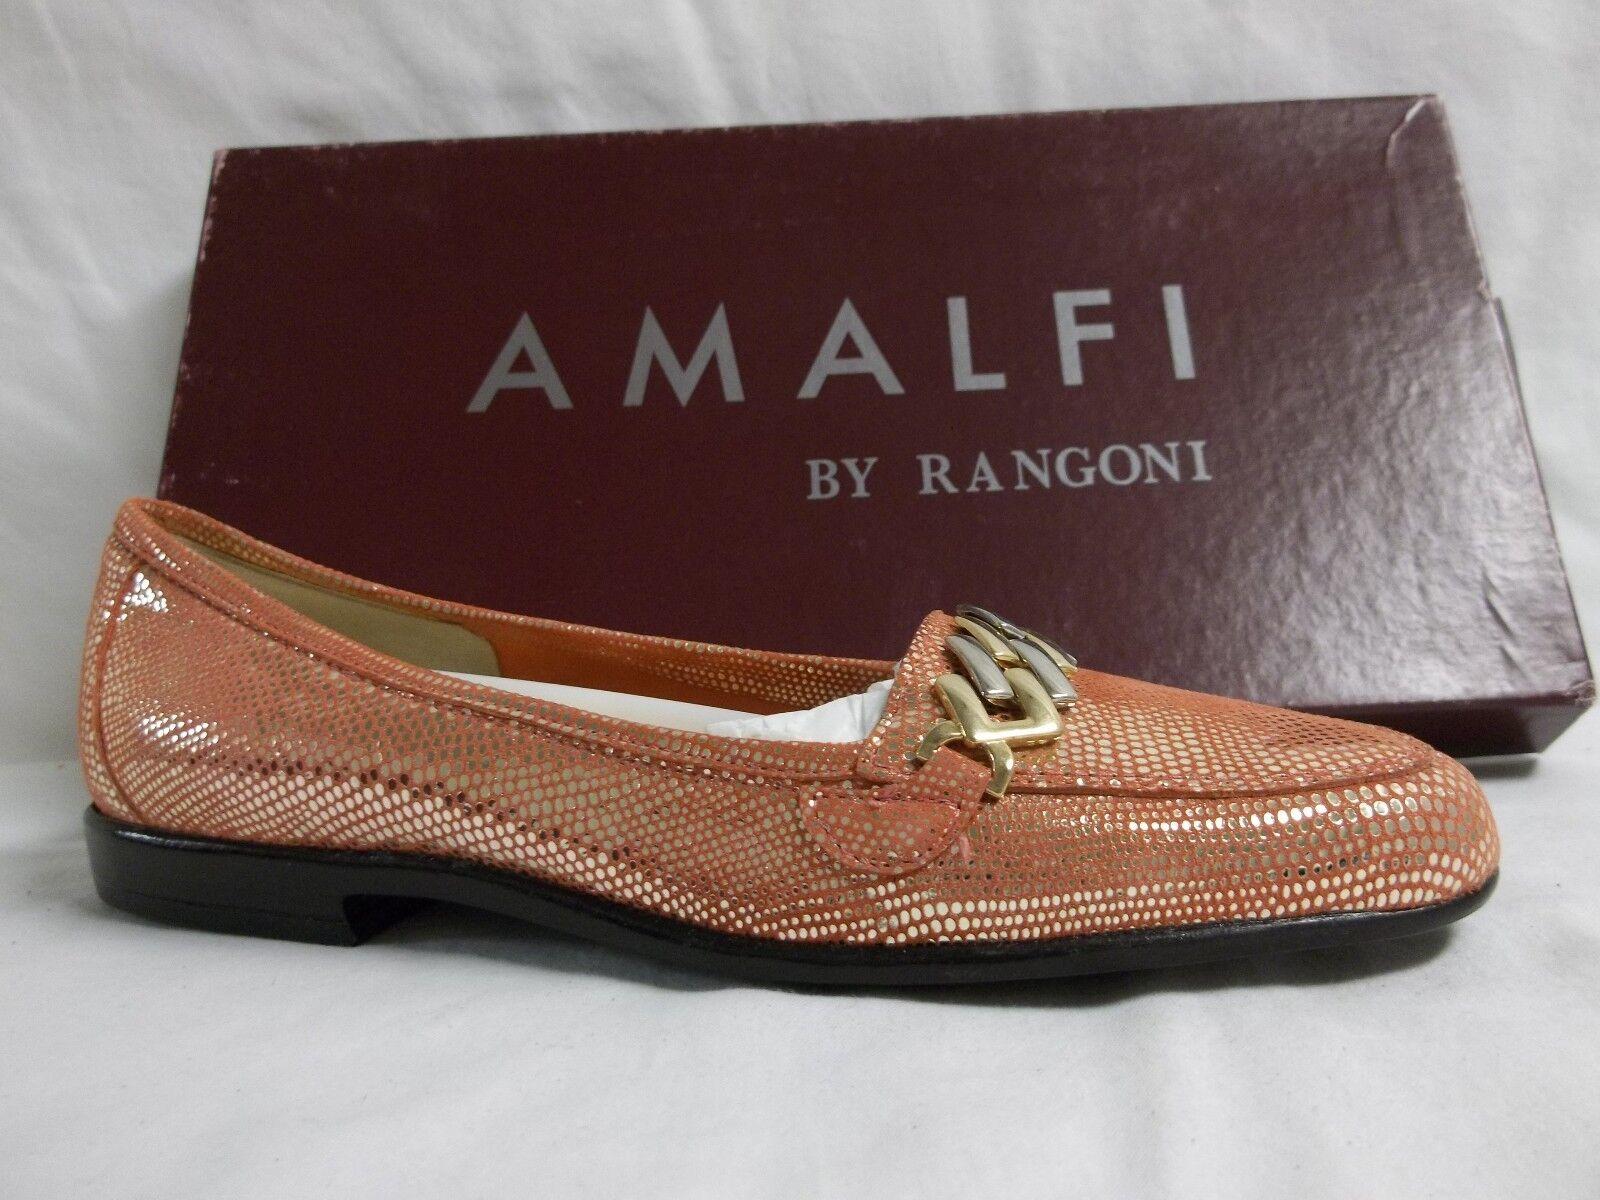 Amalfi By Rangoni Talla 5 S N N N estrecho oste Tulipán Pisos Nuevos Mujer Zapatos De Gamuza  mejor opcion